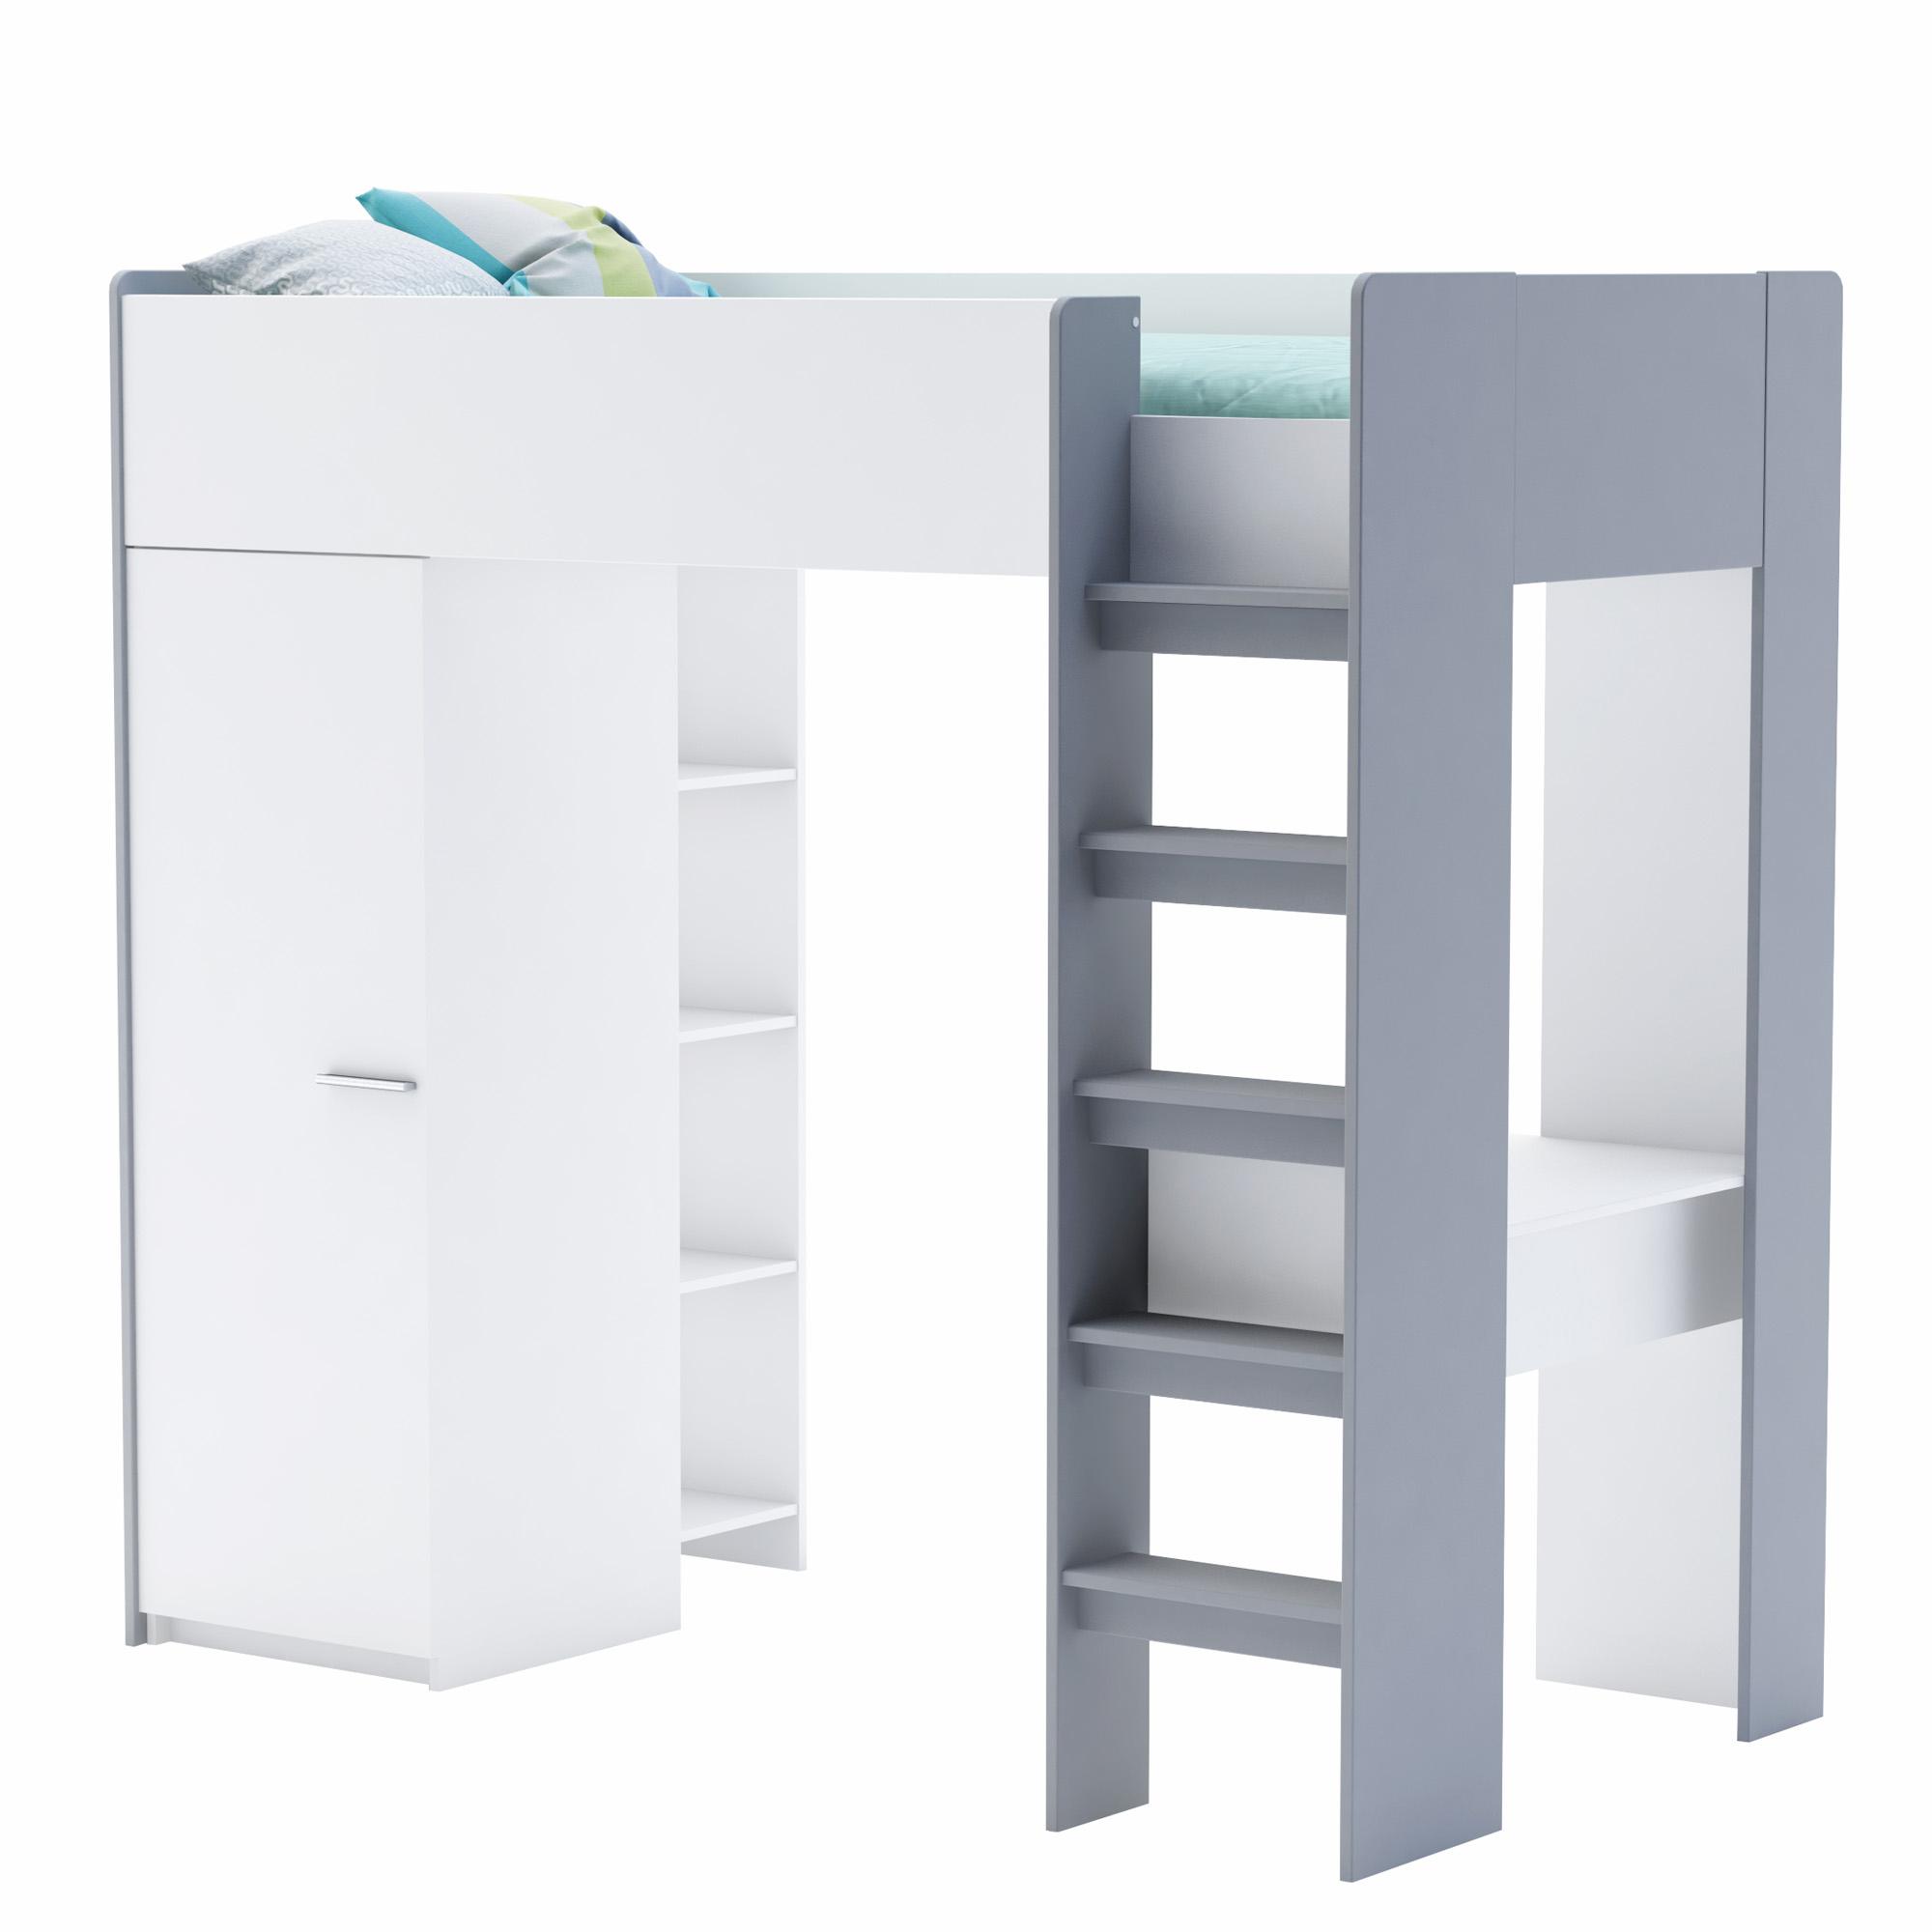 DEMEYERE FALOU patrová postel se skříní 90x200, bílá/šedá